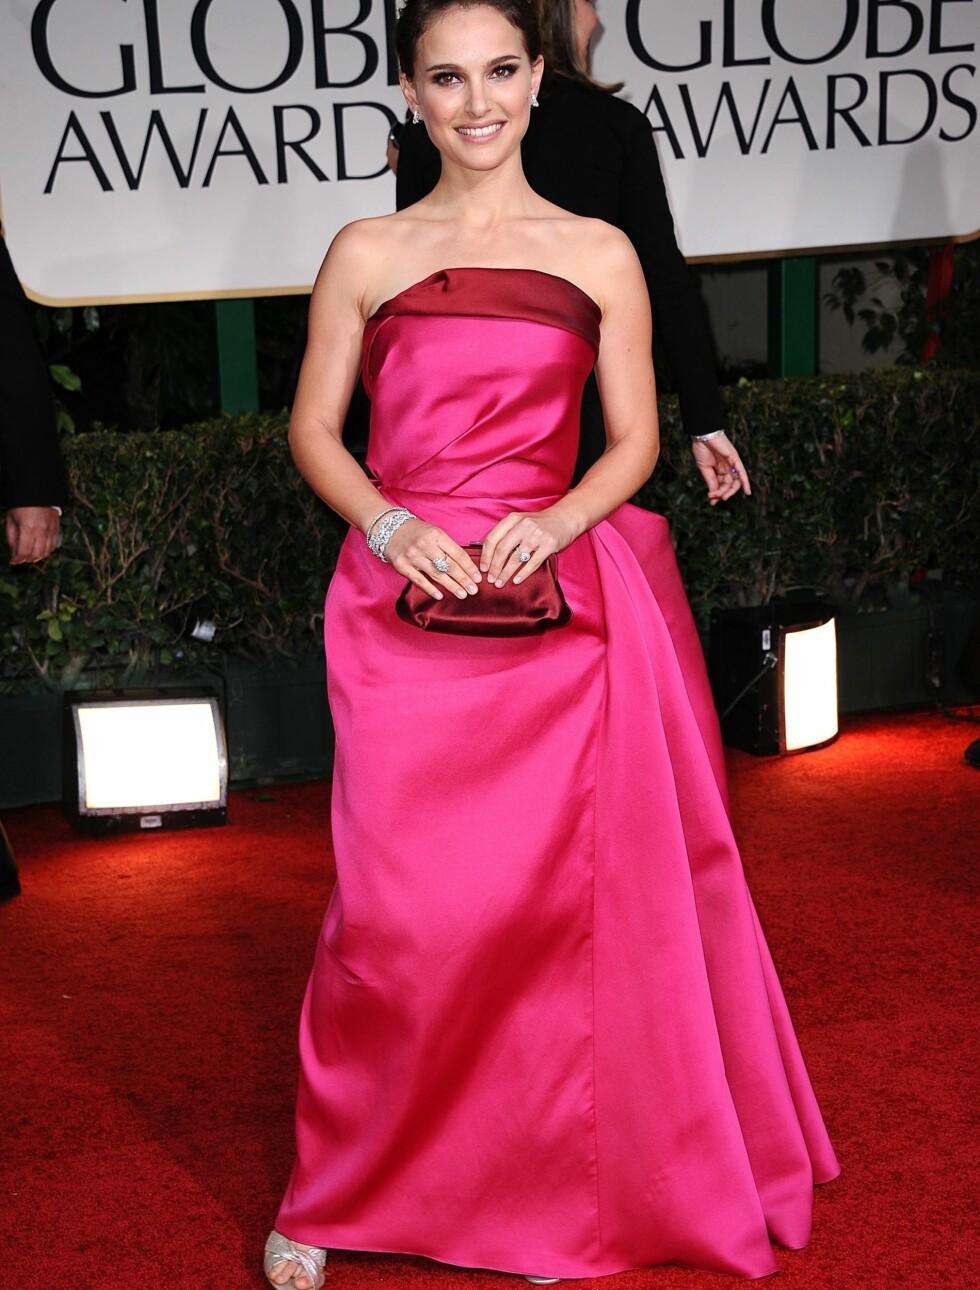 """FEMININ: """"Black Swan""""-stjernen Natalie Portman var med denne sjokkrosa kjolen en av de få stjernene som valgte en fargesterk kreasjon.  Foto: Stella Pictures"""